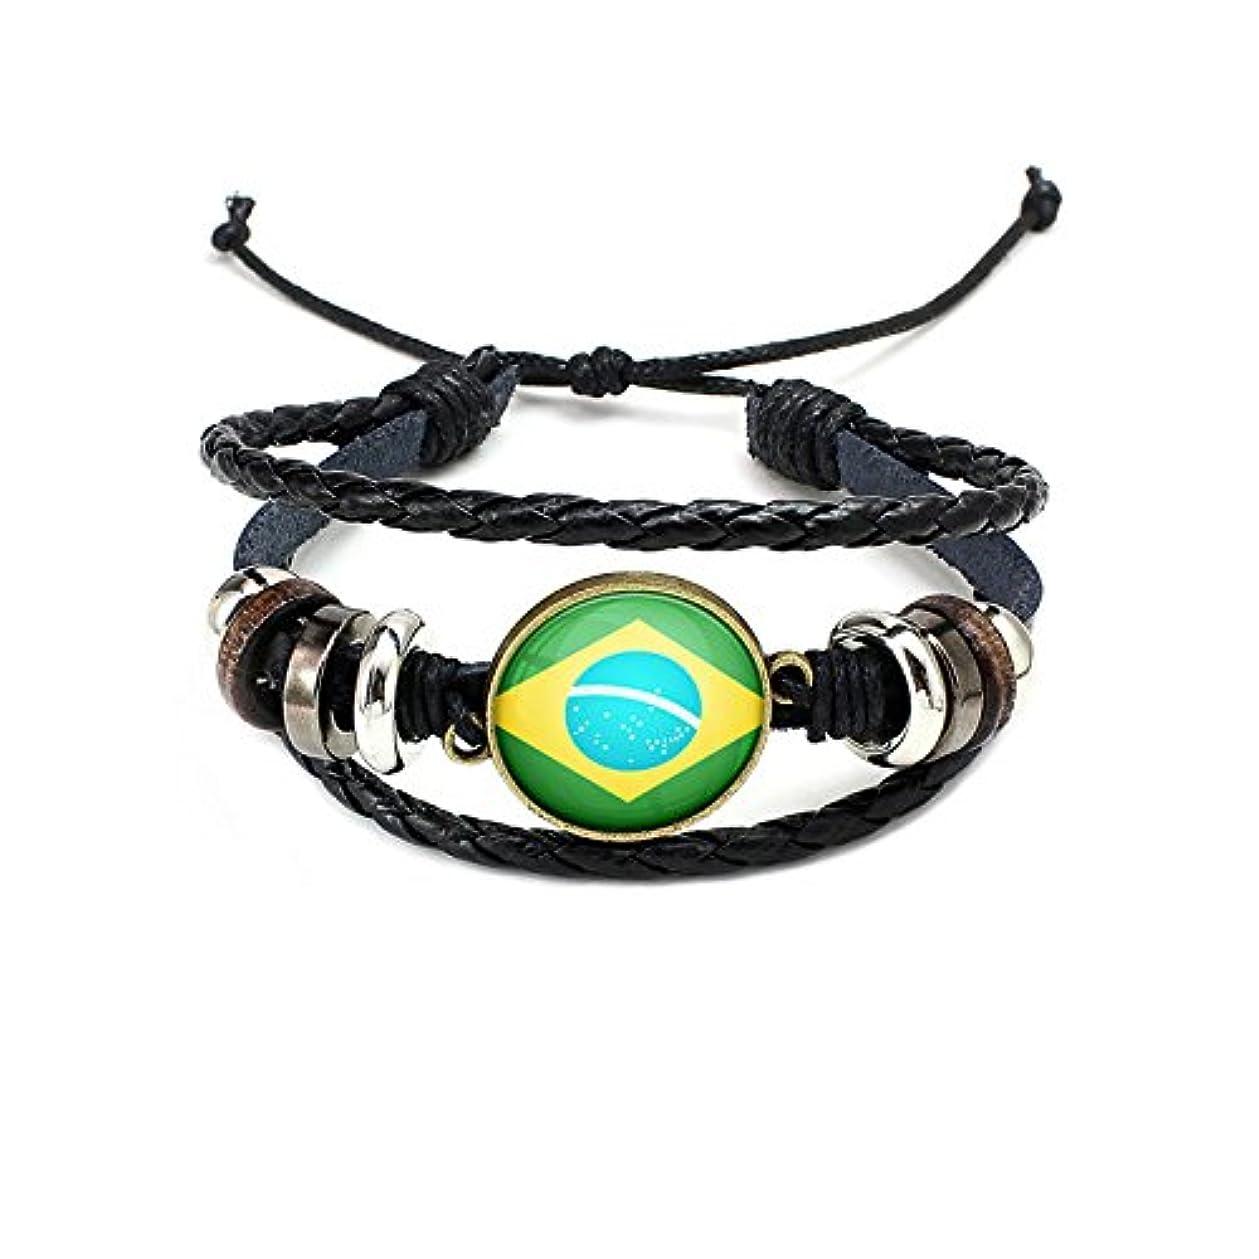 場合部分的時刻表ワールドカップ応援用グッズ ナショナルフラッグパンクレザーブレスレット 編組ロープバングル ブラジル